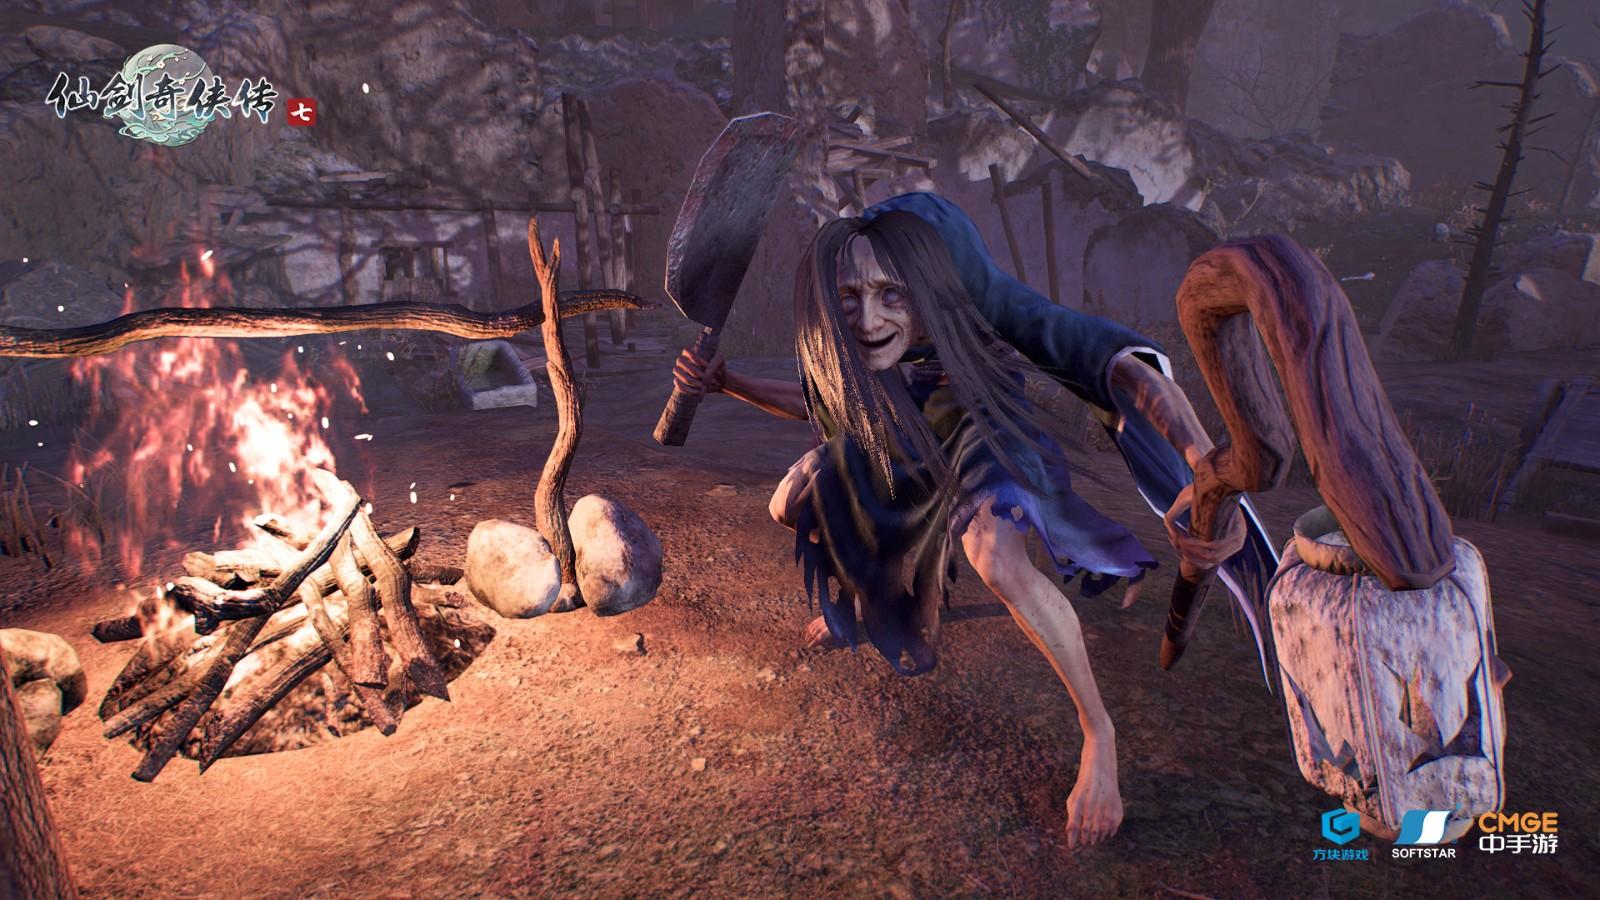 《仙剑奇侠传7》妖怪新截图 赛人参菜刀婆婆等亮相